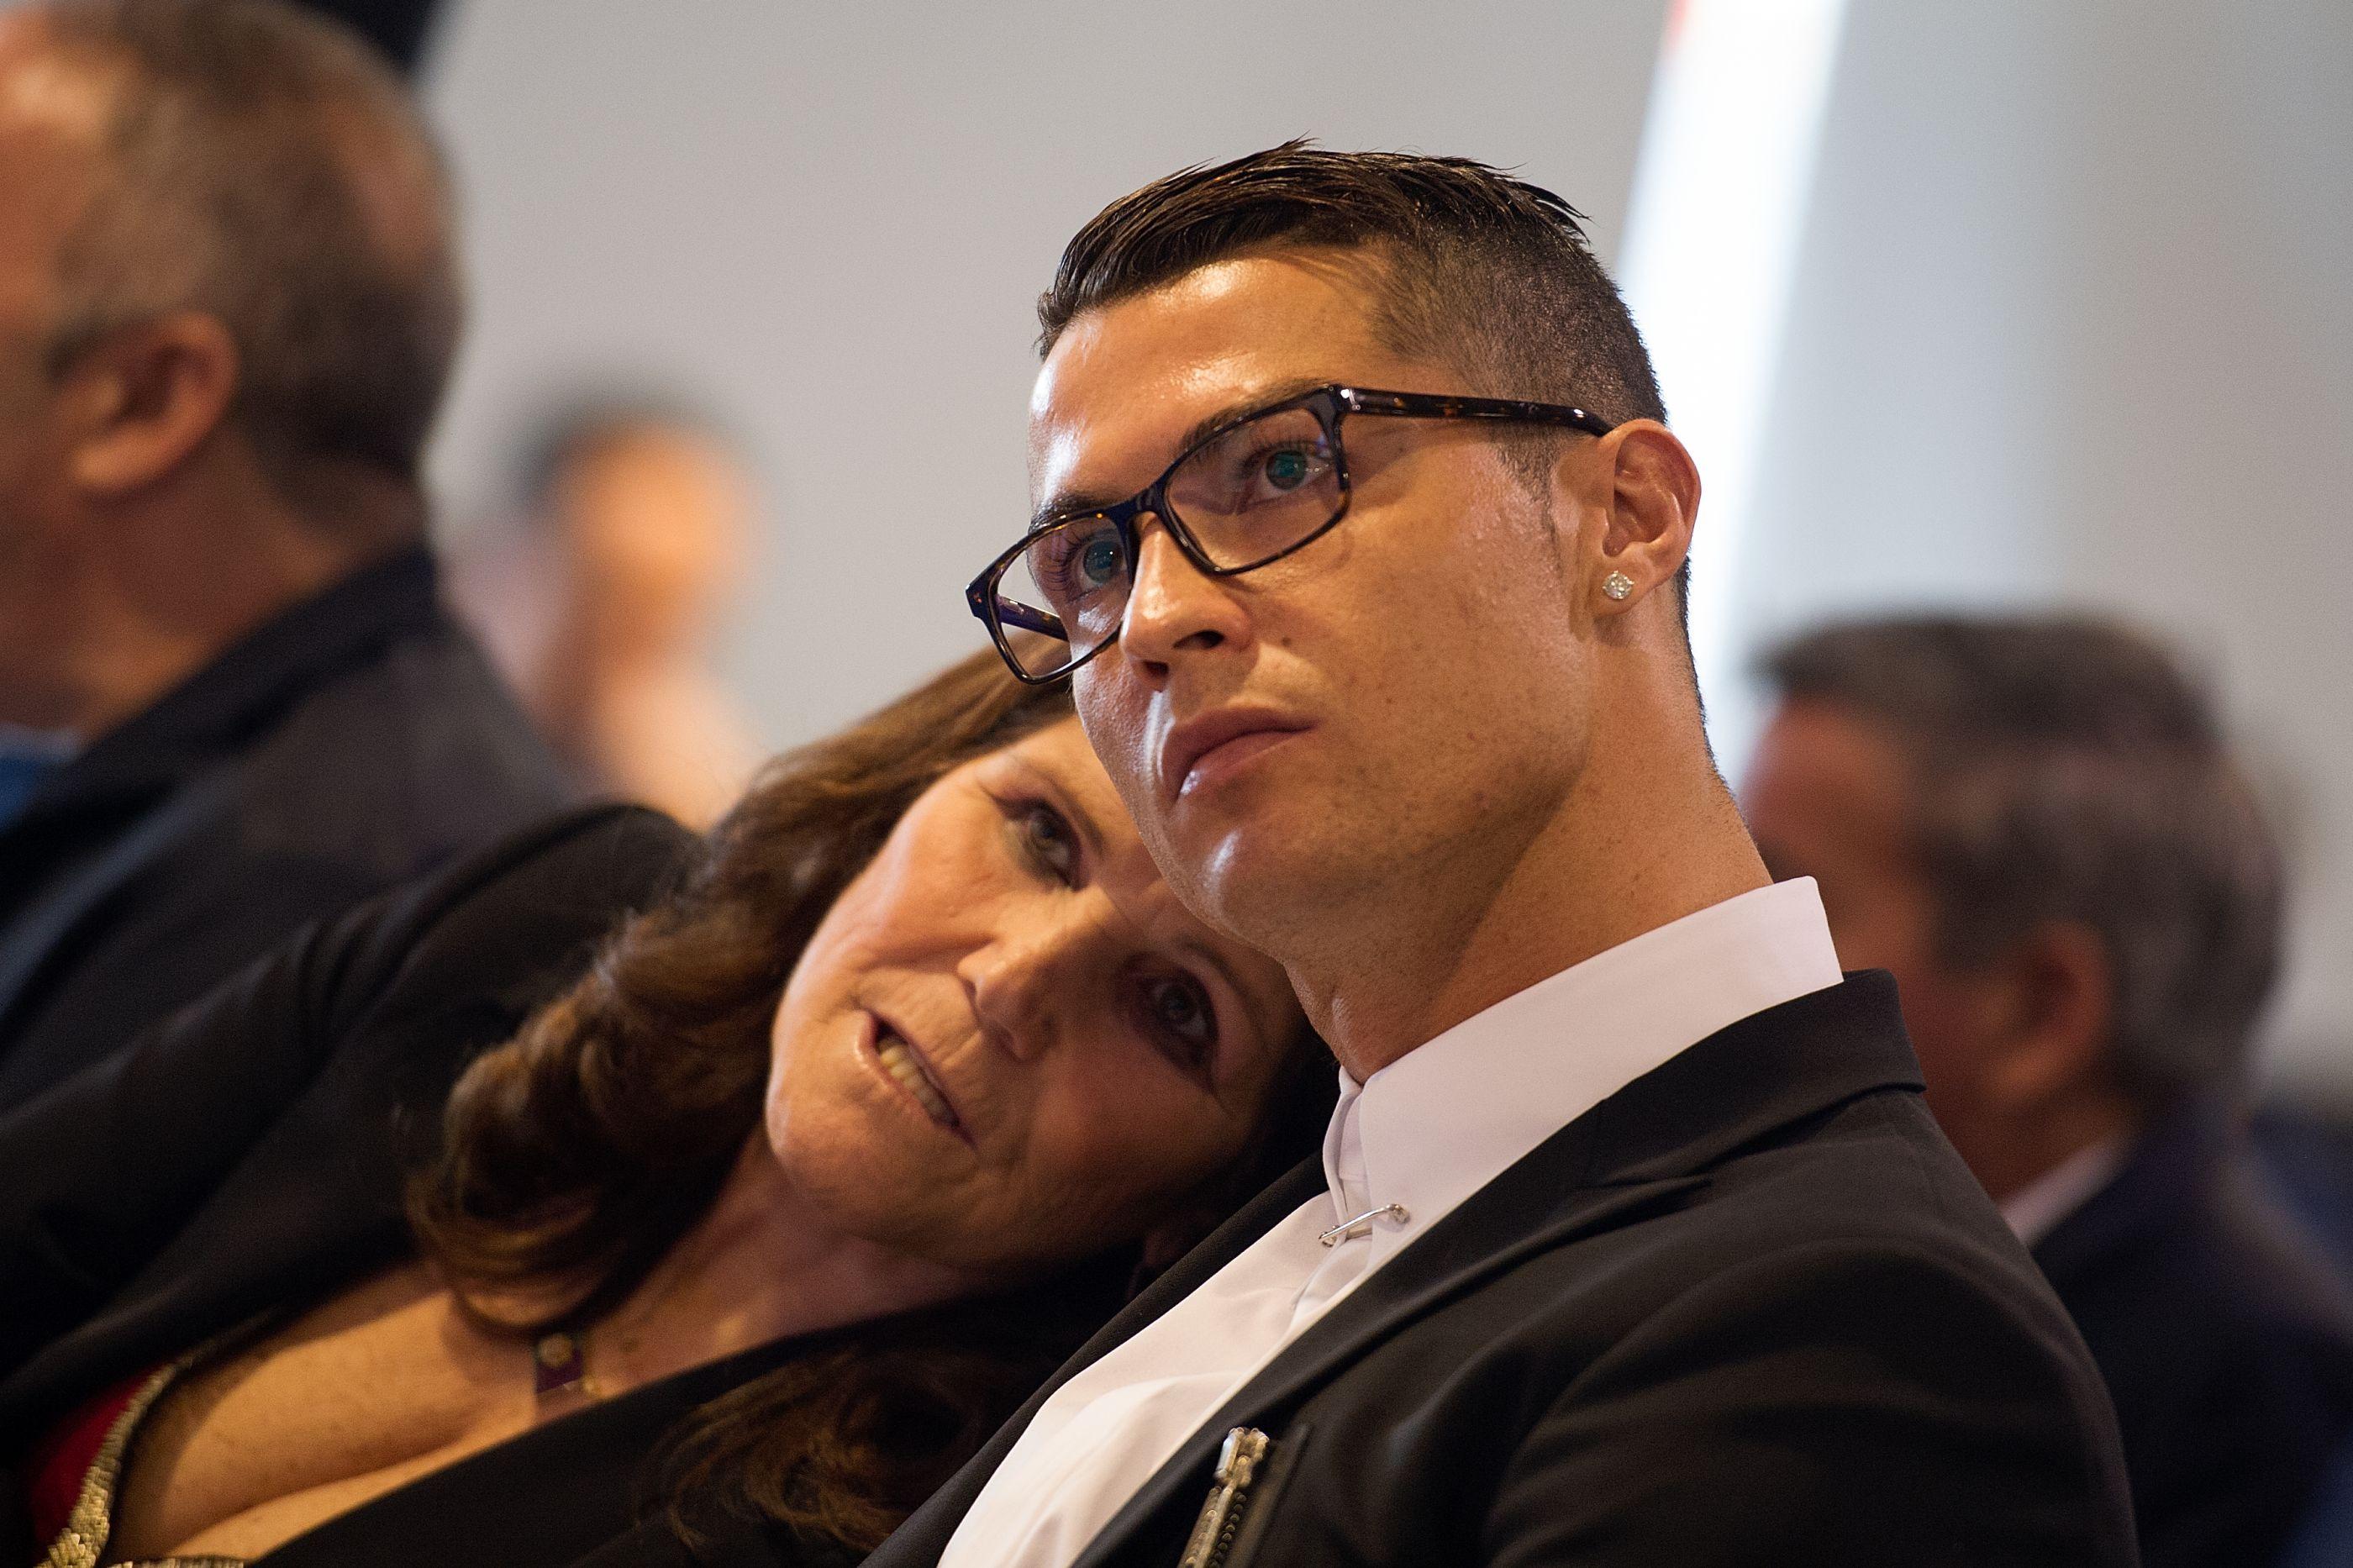 """Dolores Aveiro reage à derrota do filho: """"A vida continua"""""""